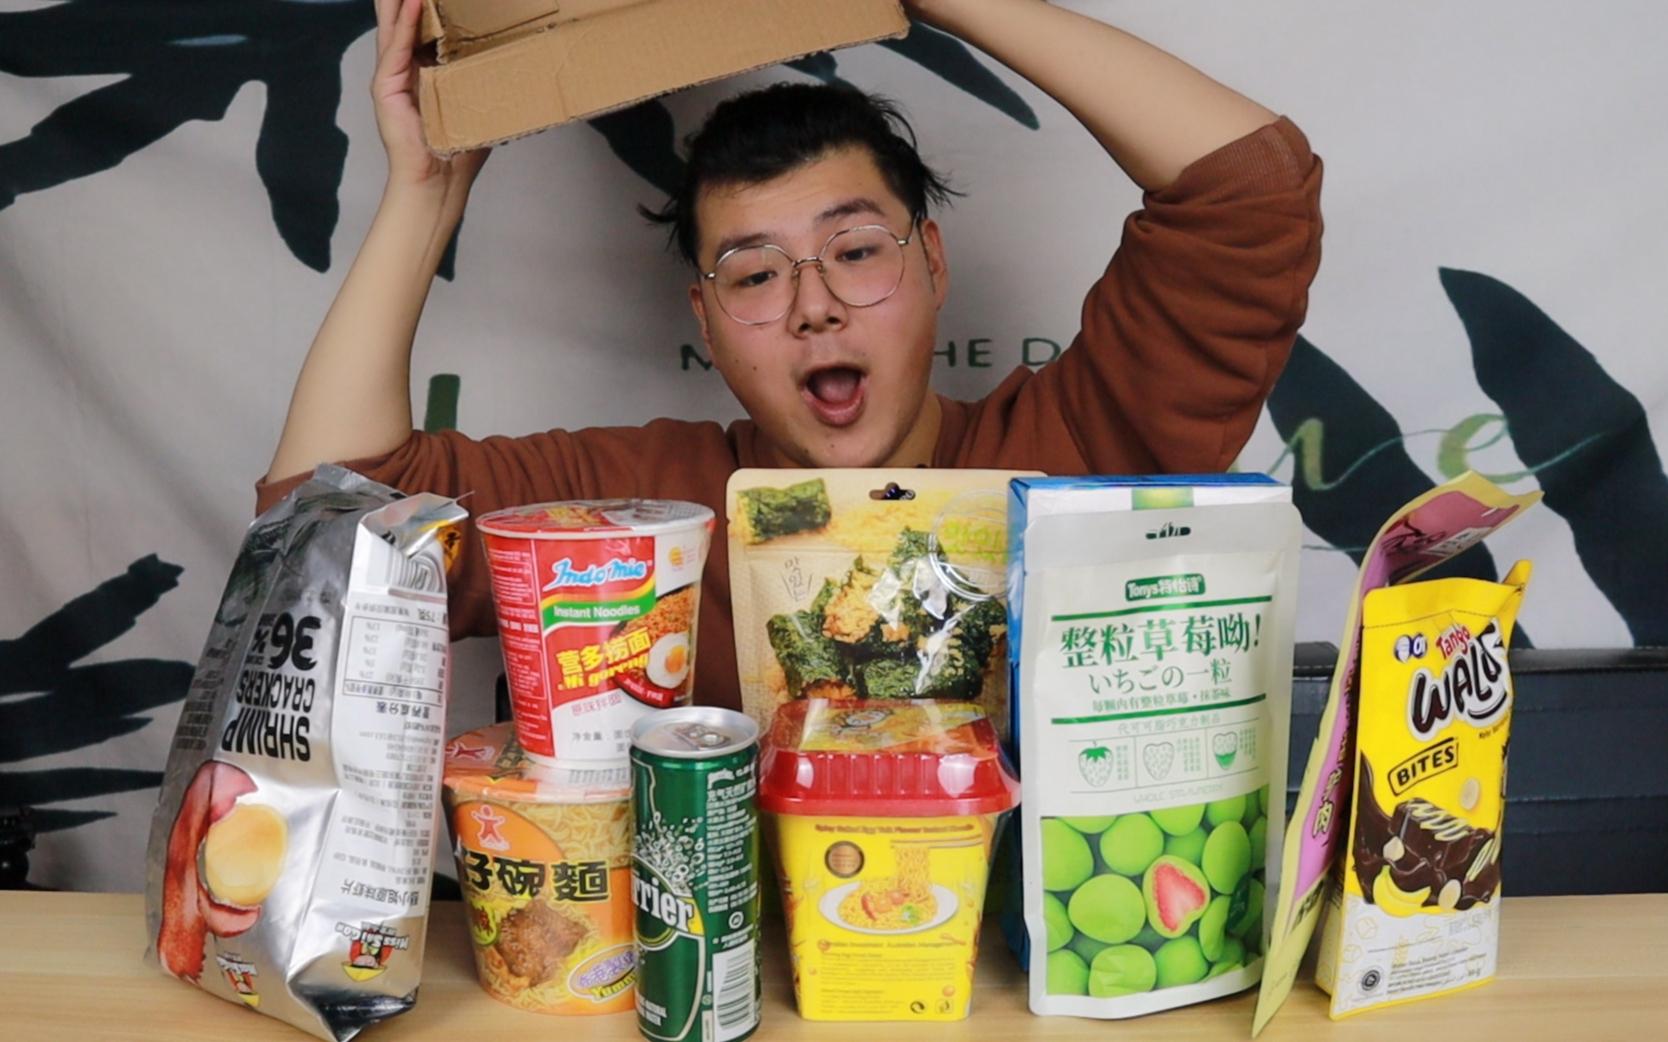 临期食品大测评!48元买10款临期食品味道如何?到底能吃吗?